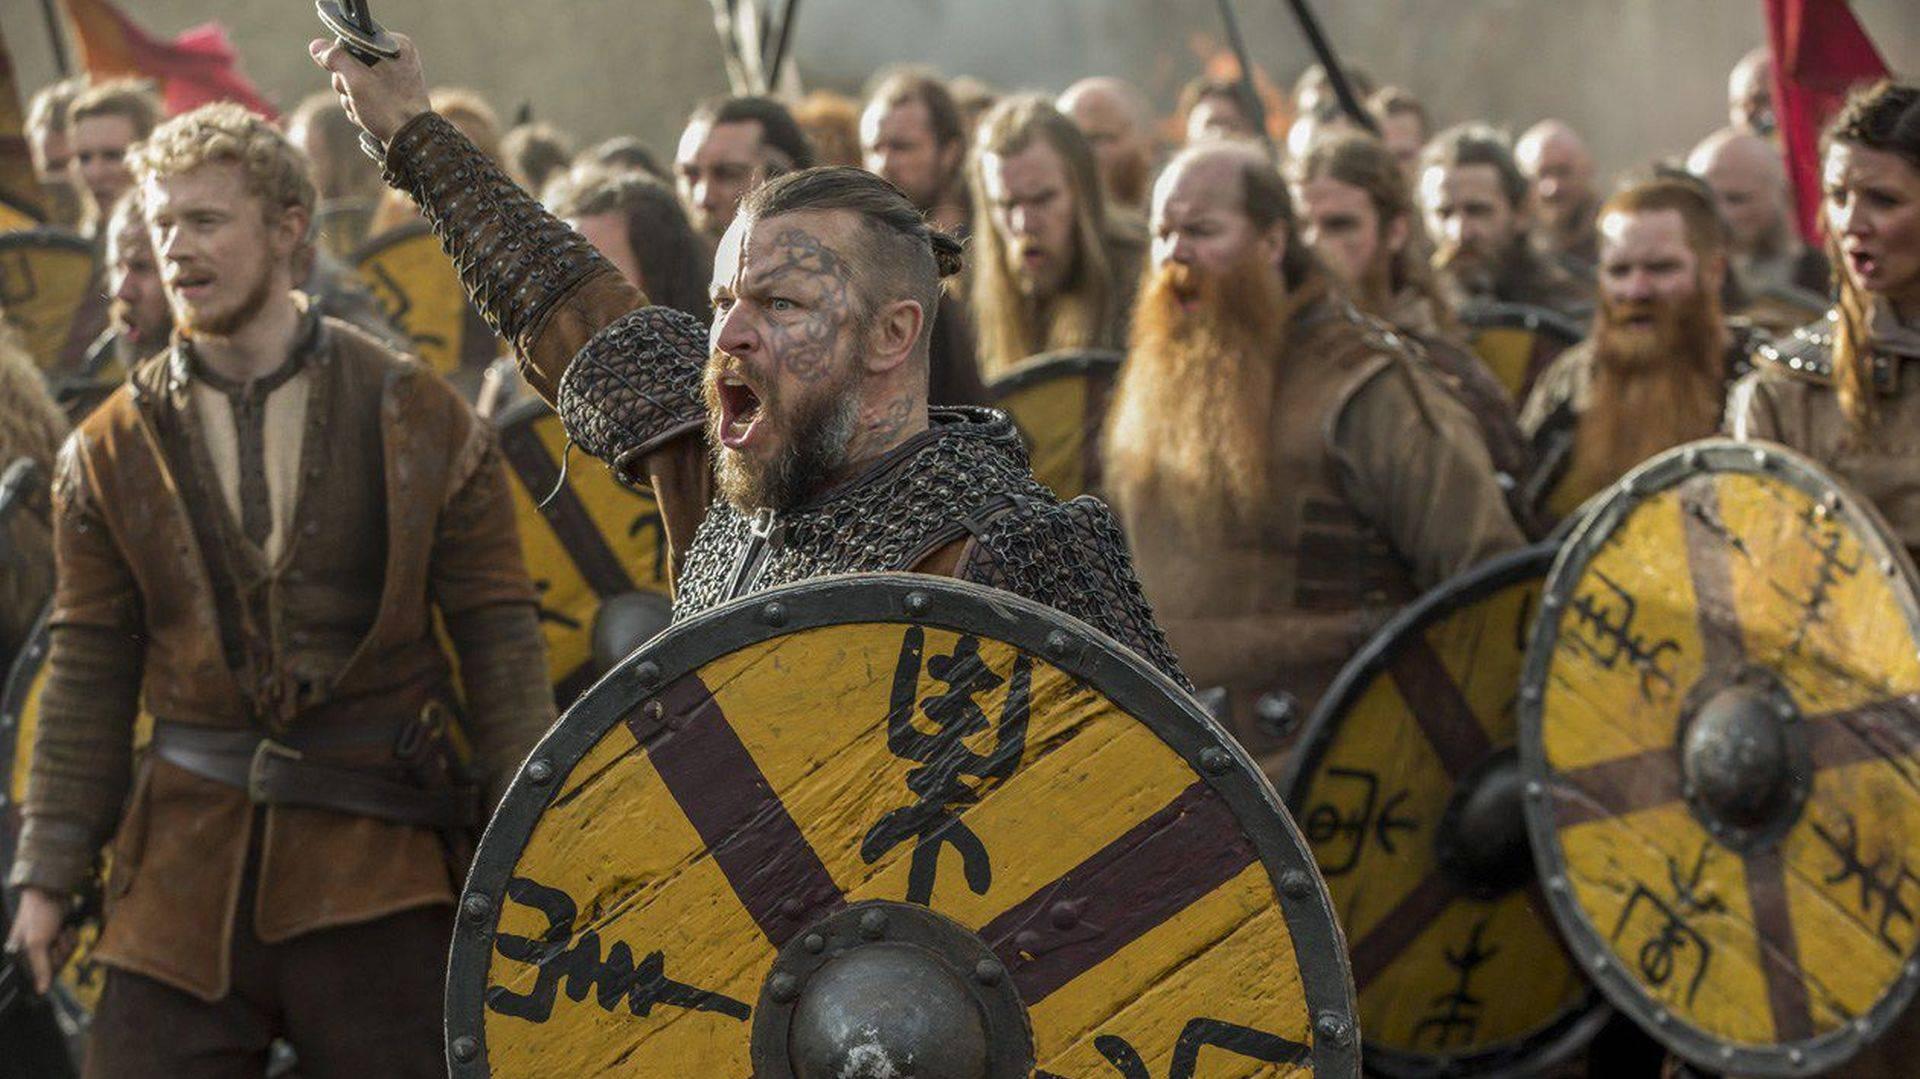 Investigadores hallan barca fúnebre Vikinga con restos de humanos en ella